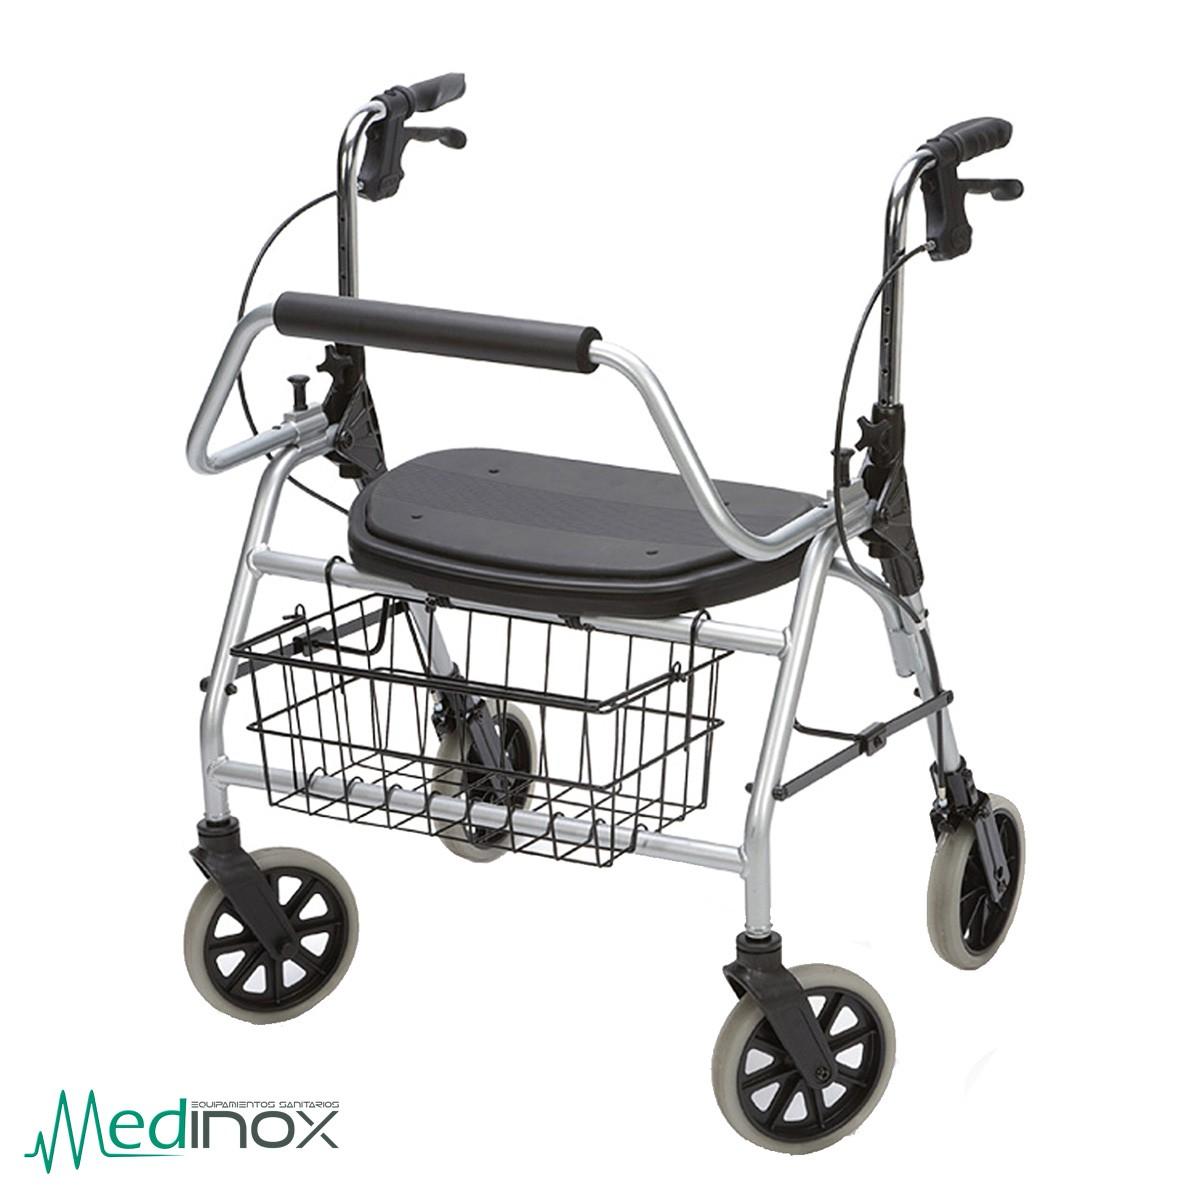 Andador con asiento para obesos - Medinox